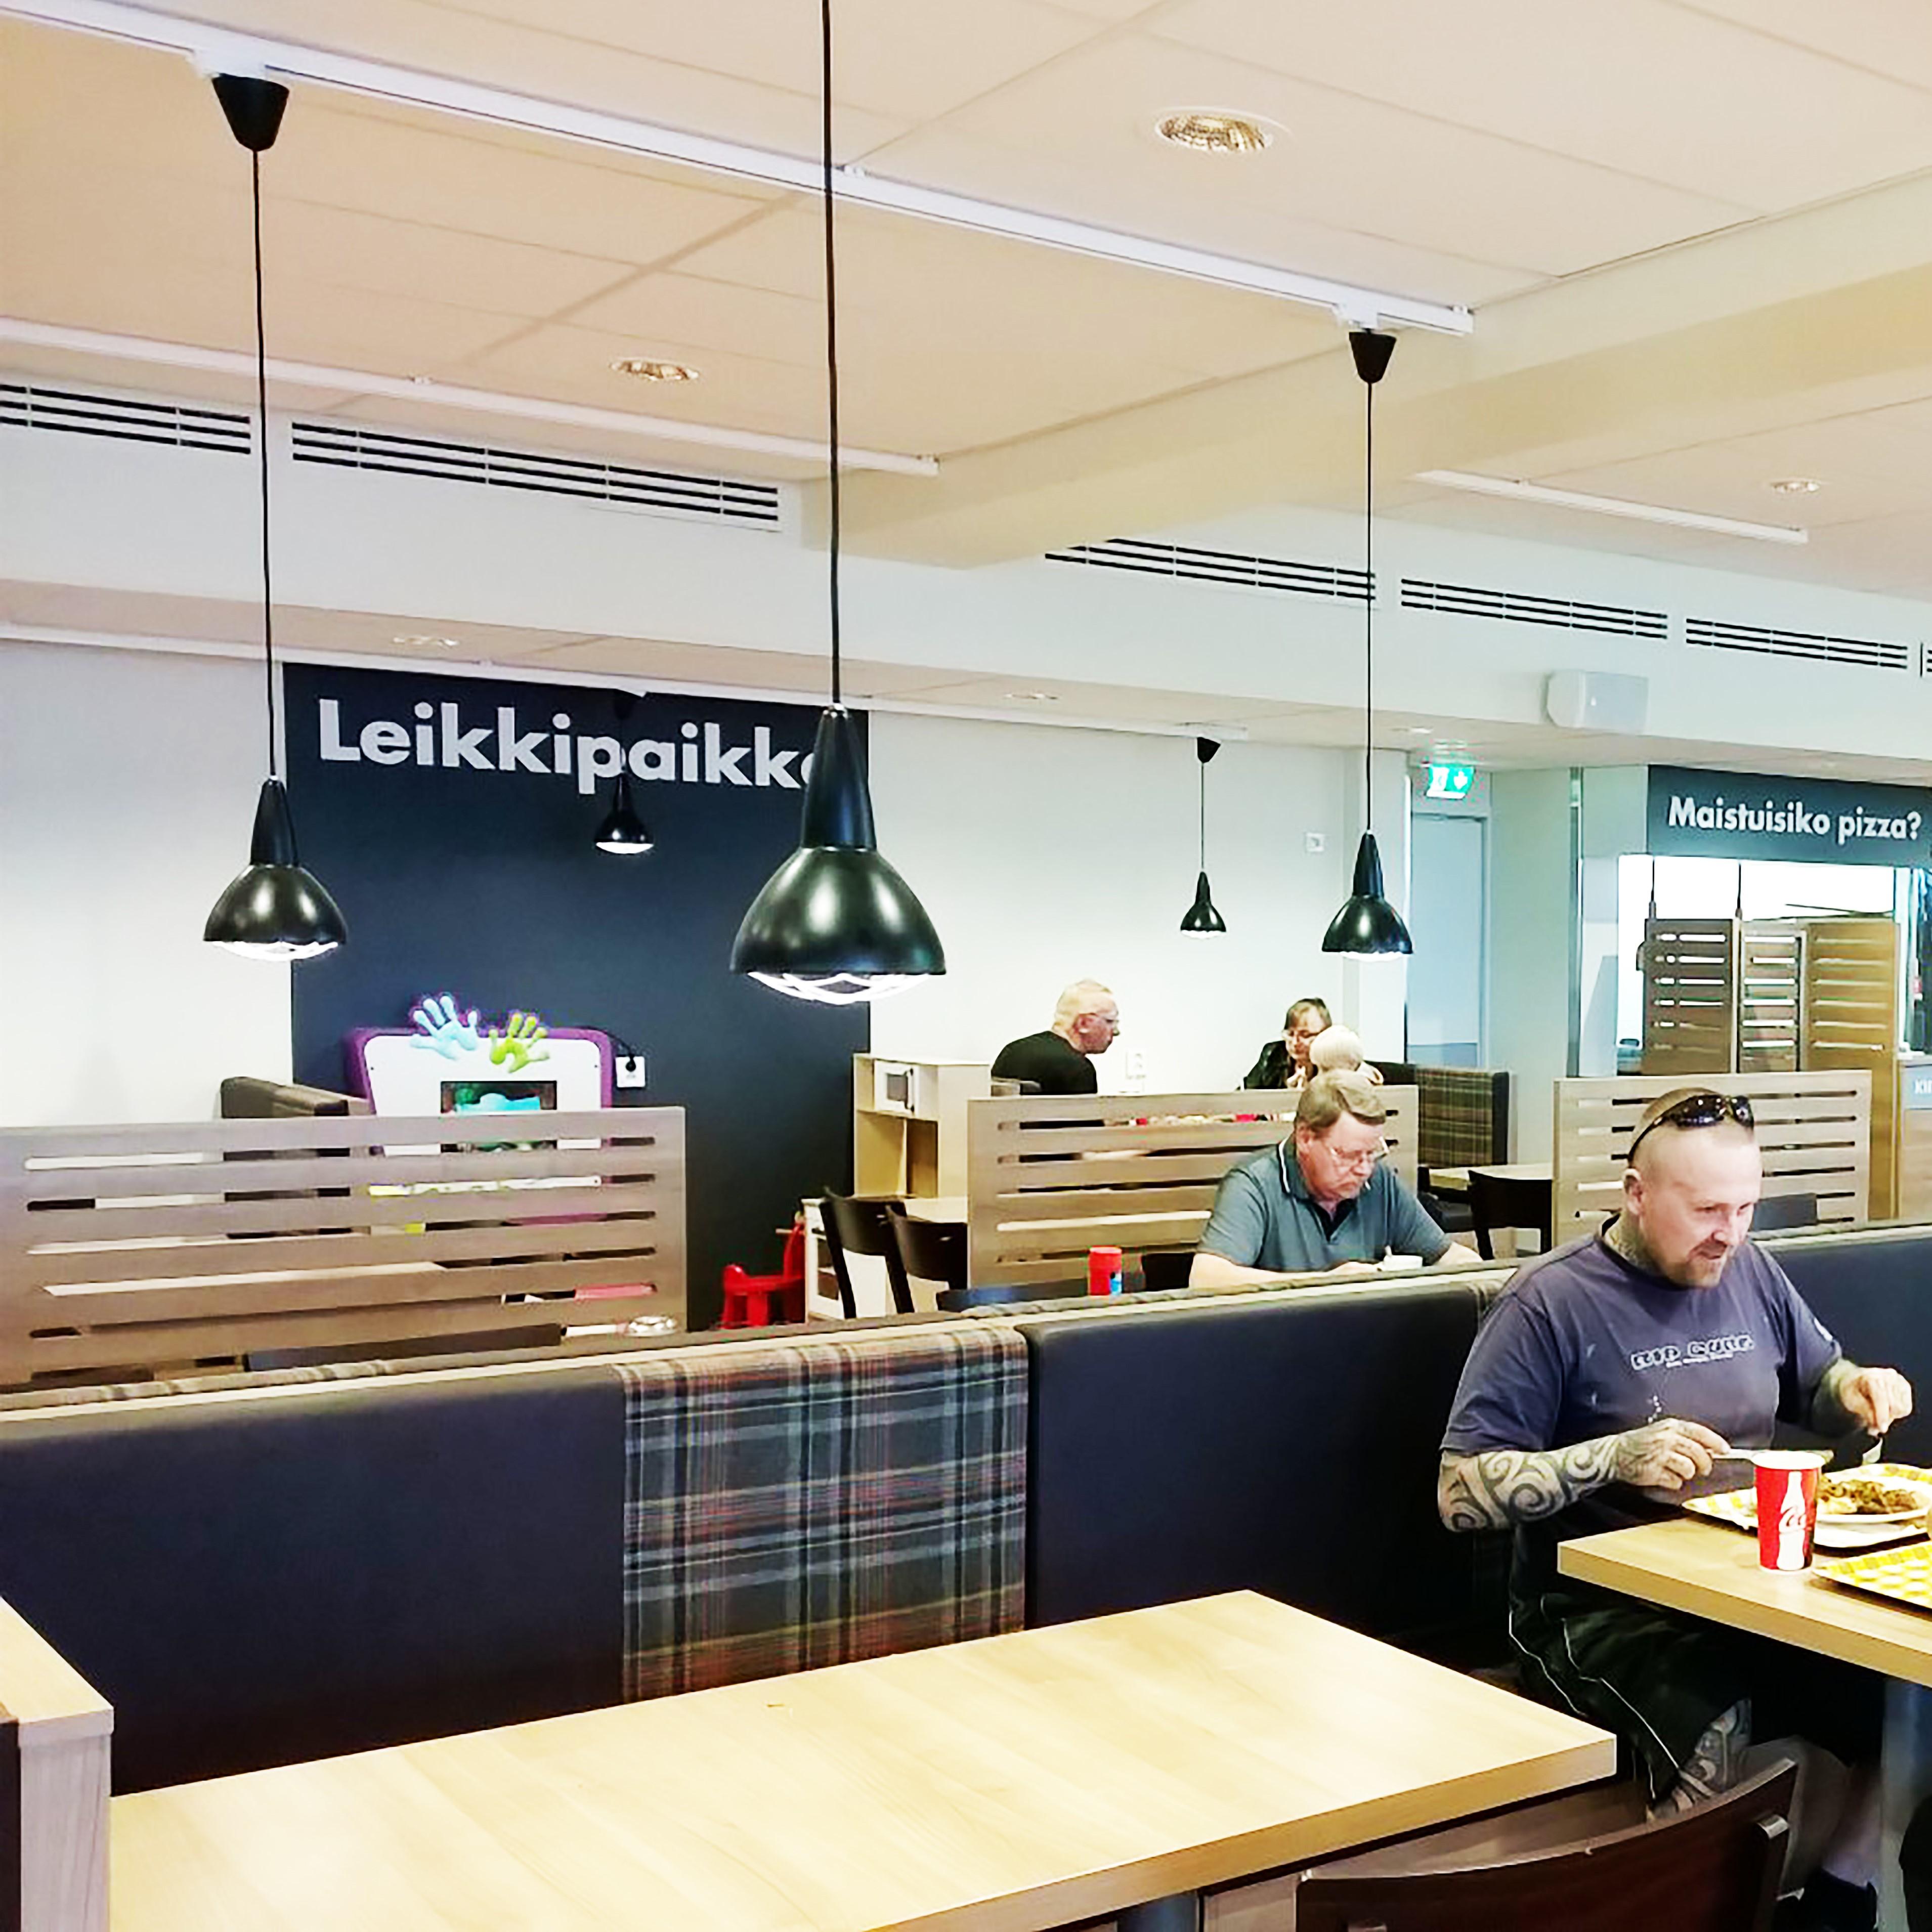 Helmisimpukka restauranter, Finland